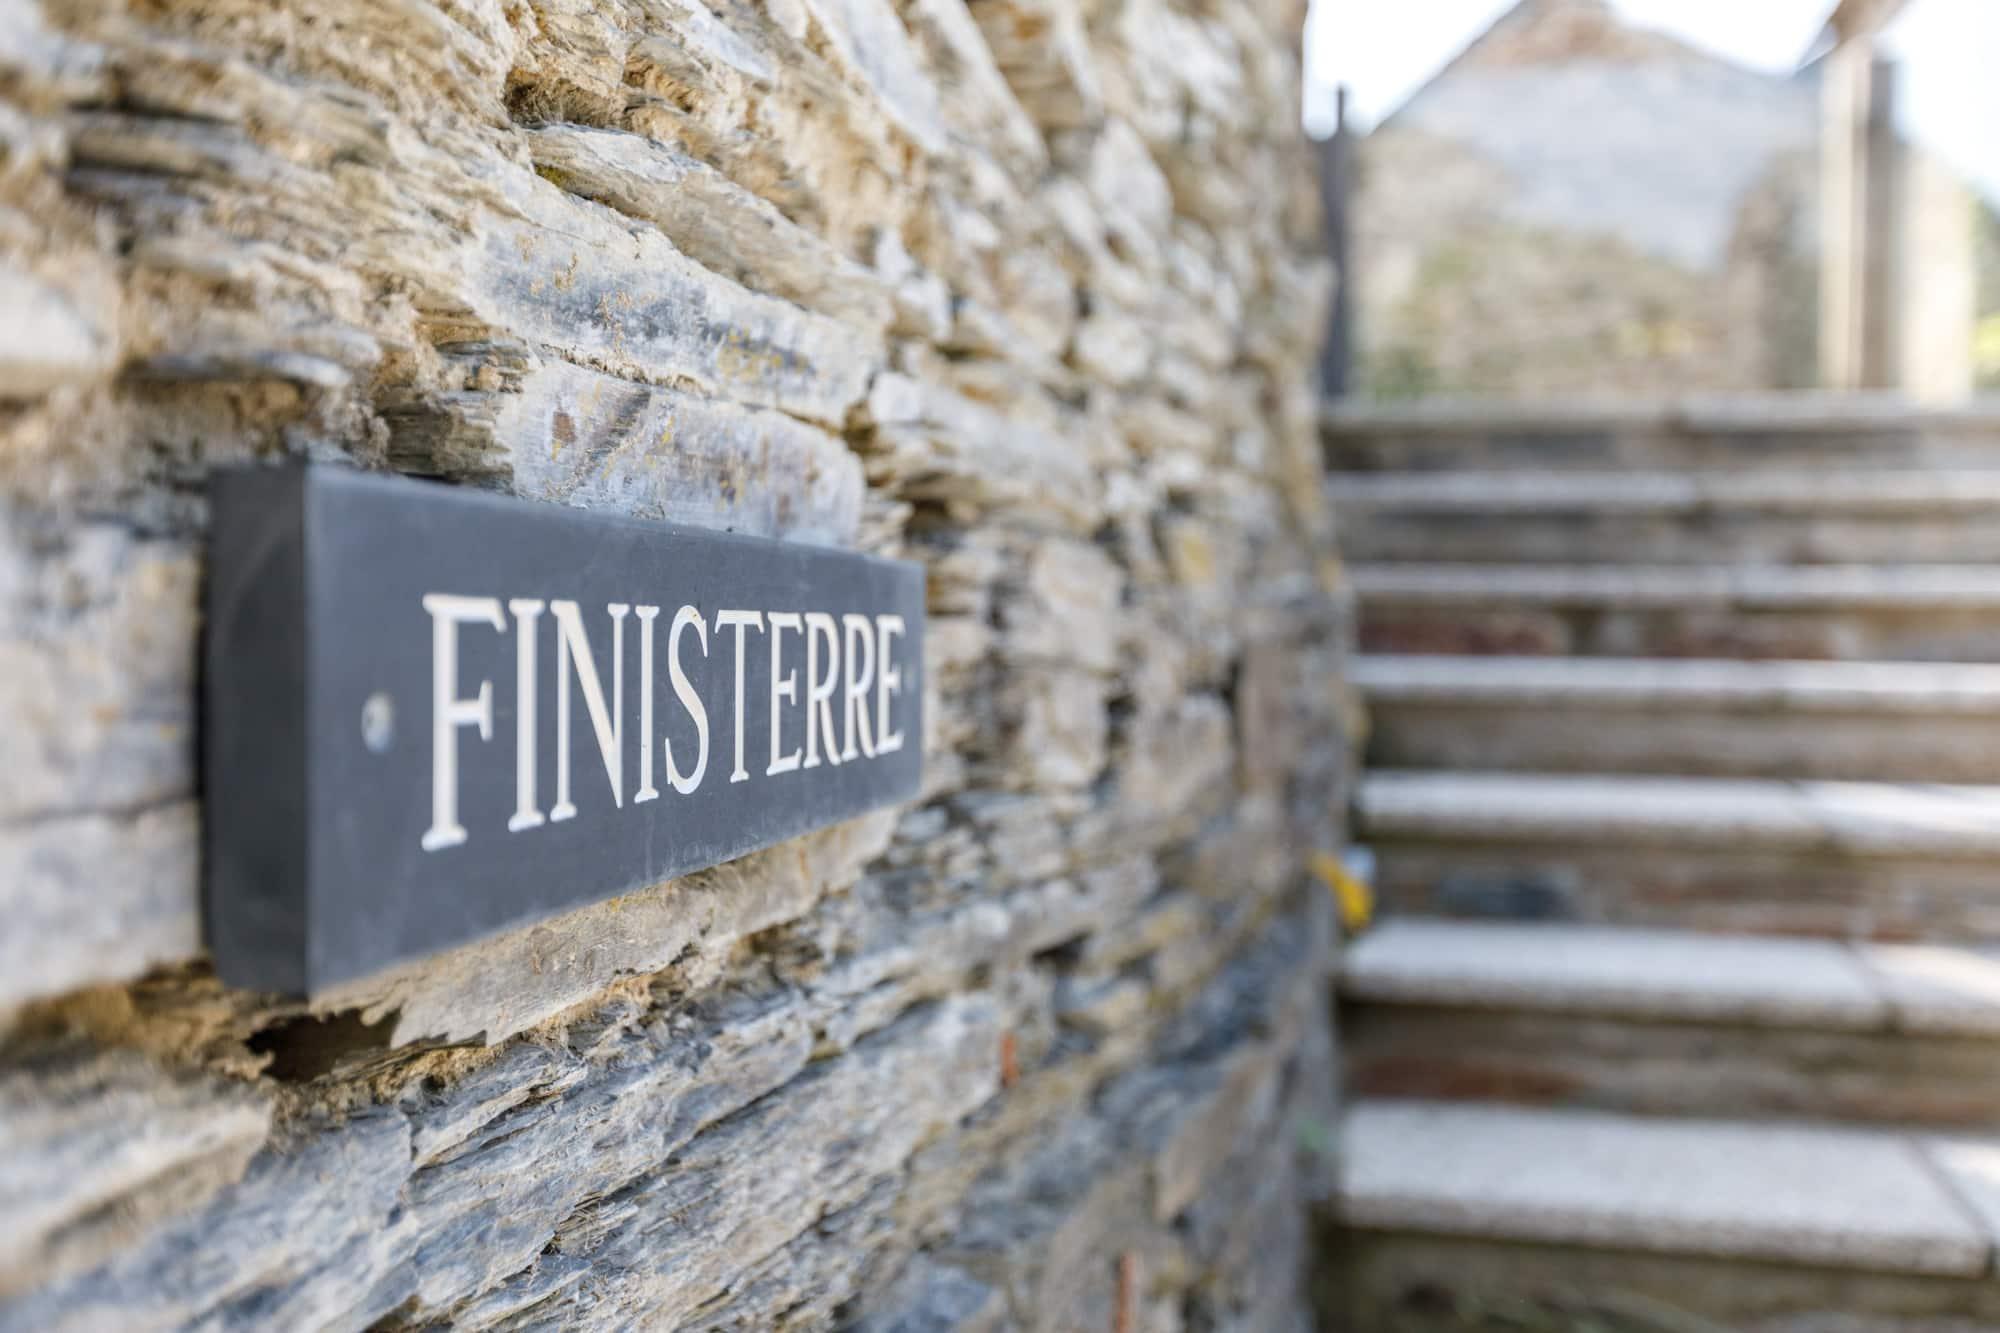 Finisterre - Entrance Sign-pichi